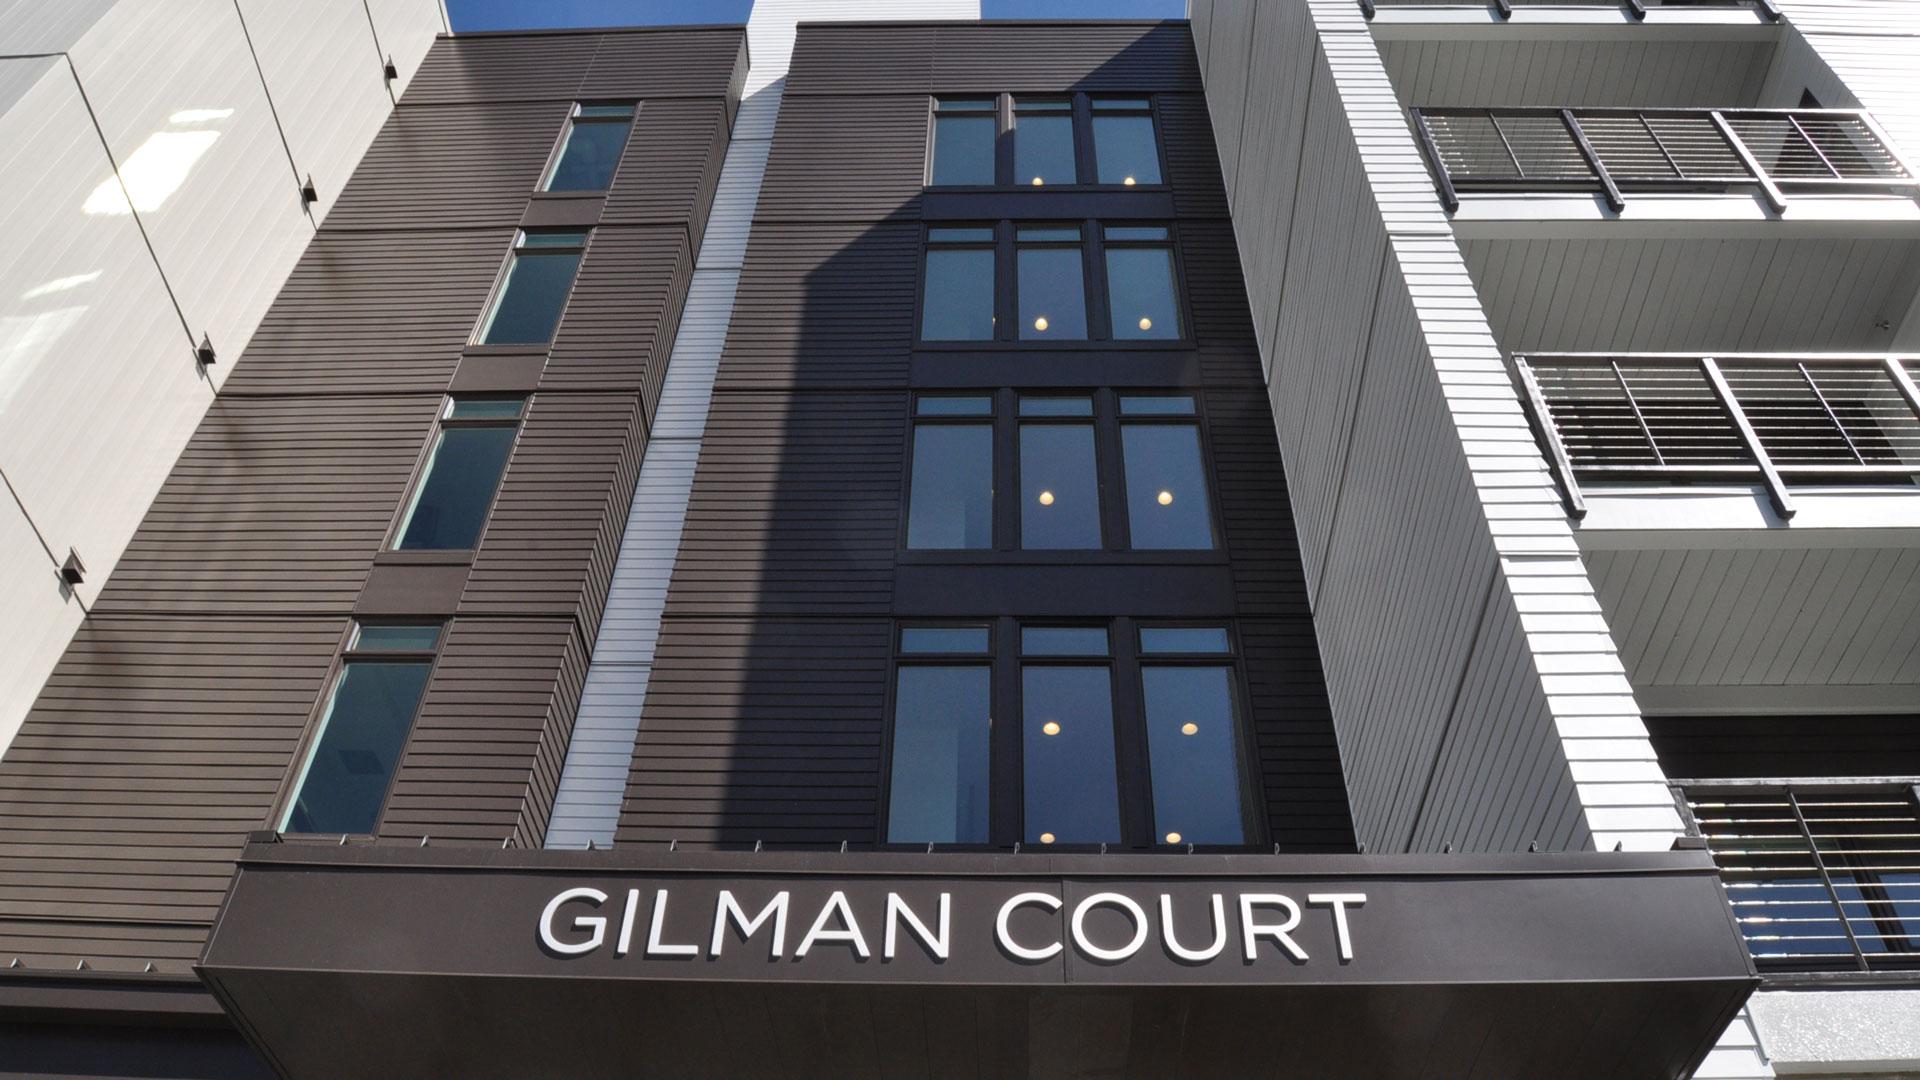 GilmanCourtREACH_SLIDE_SallyPainter0018.JPG